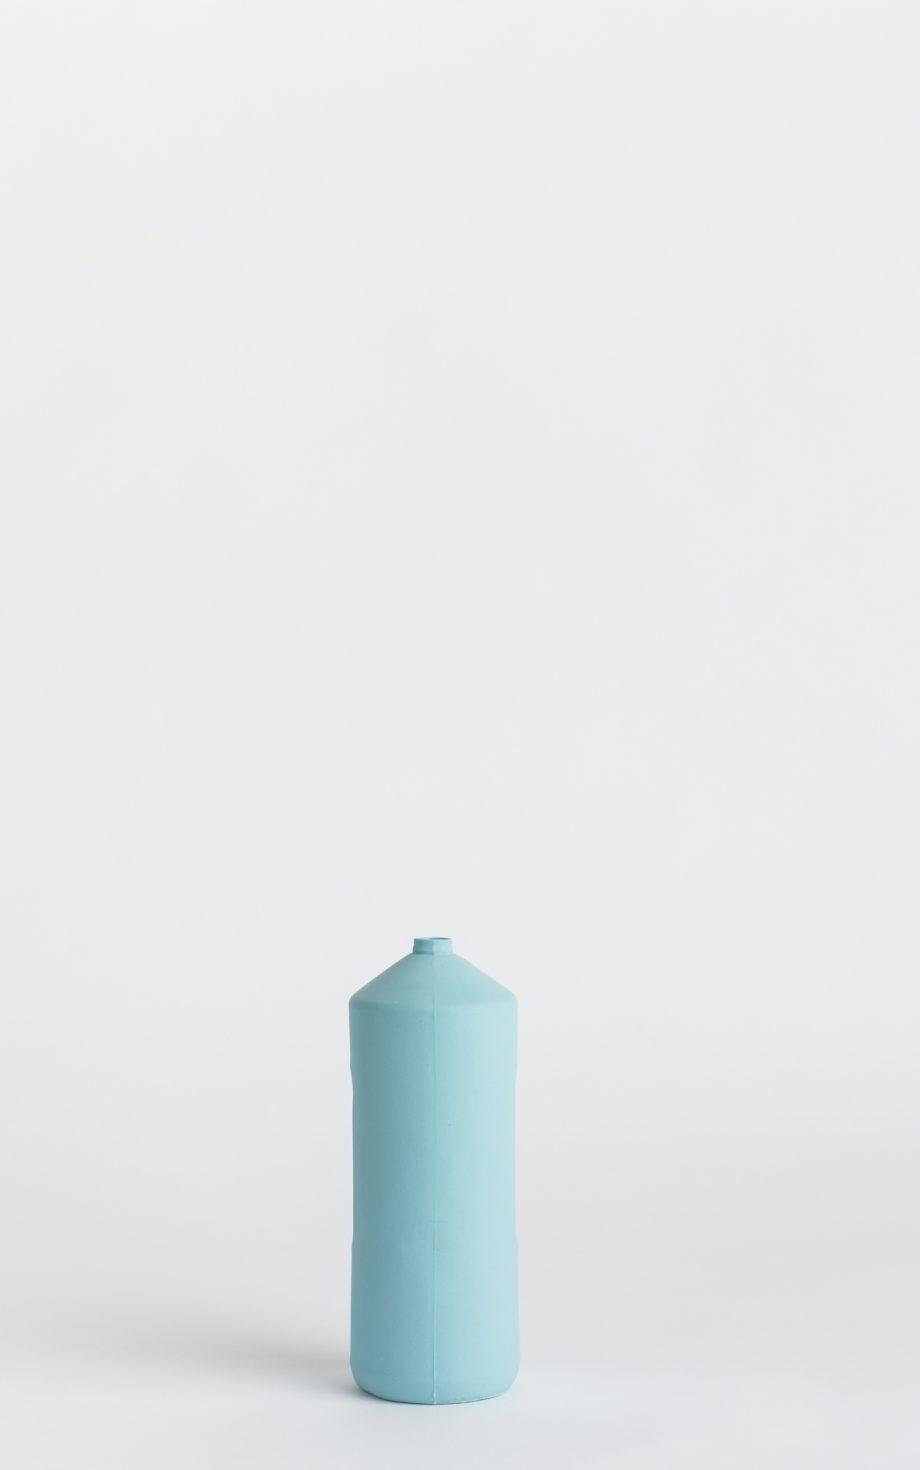 bottle vase #2 light blue